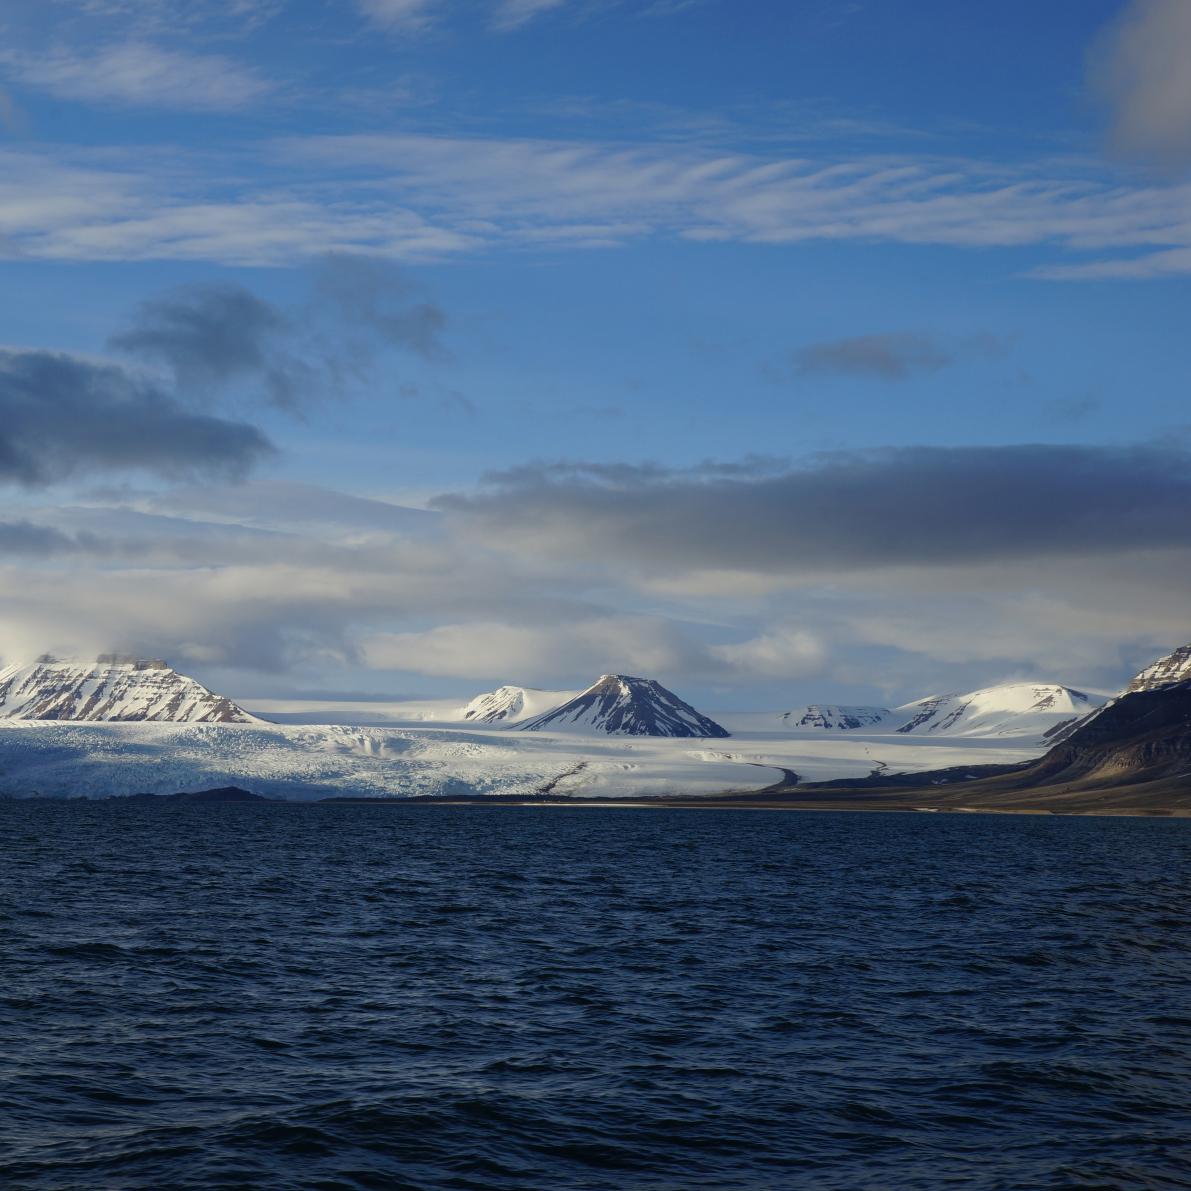 8. 12. | Sněhová vločka v boji za čistou Antarktidu